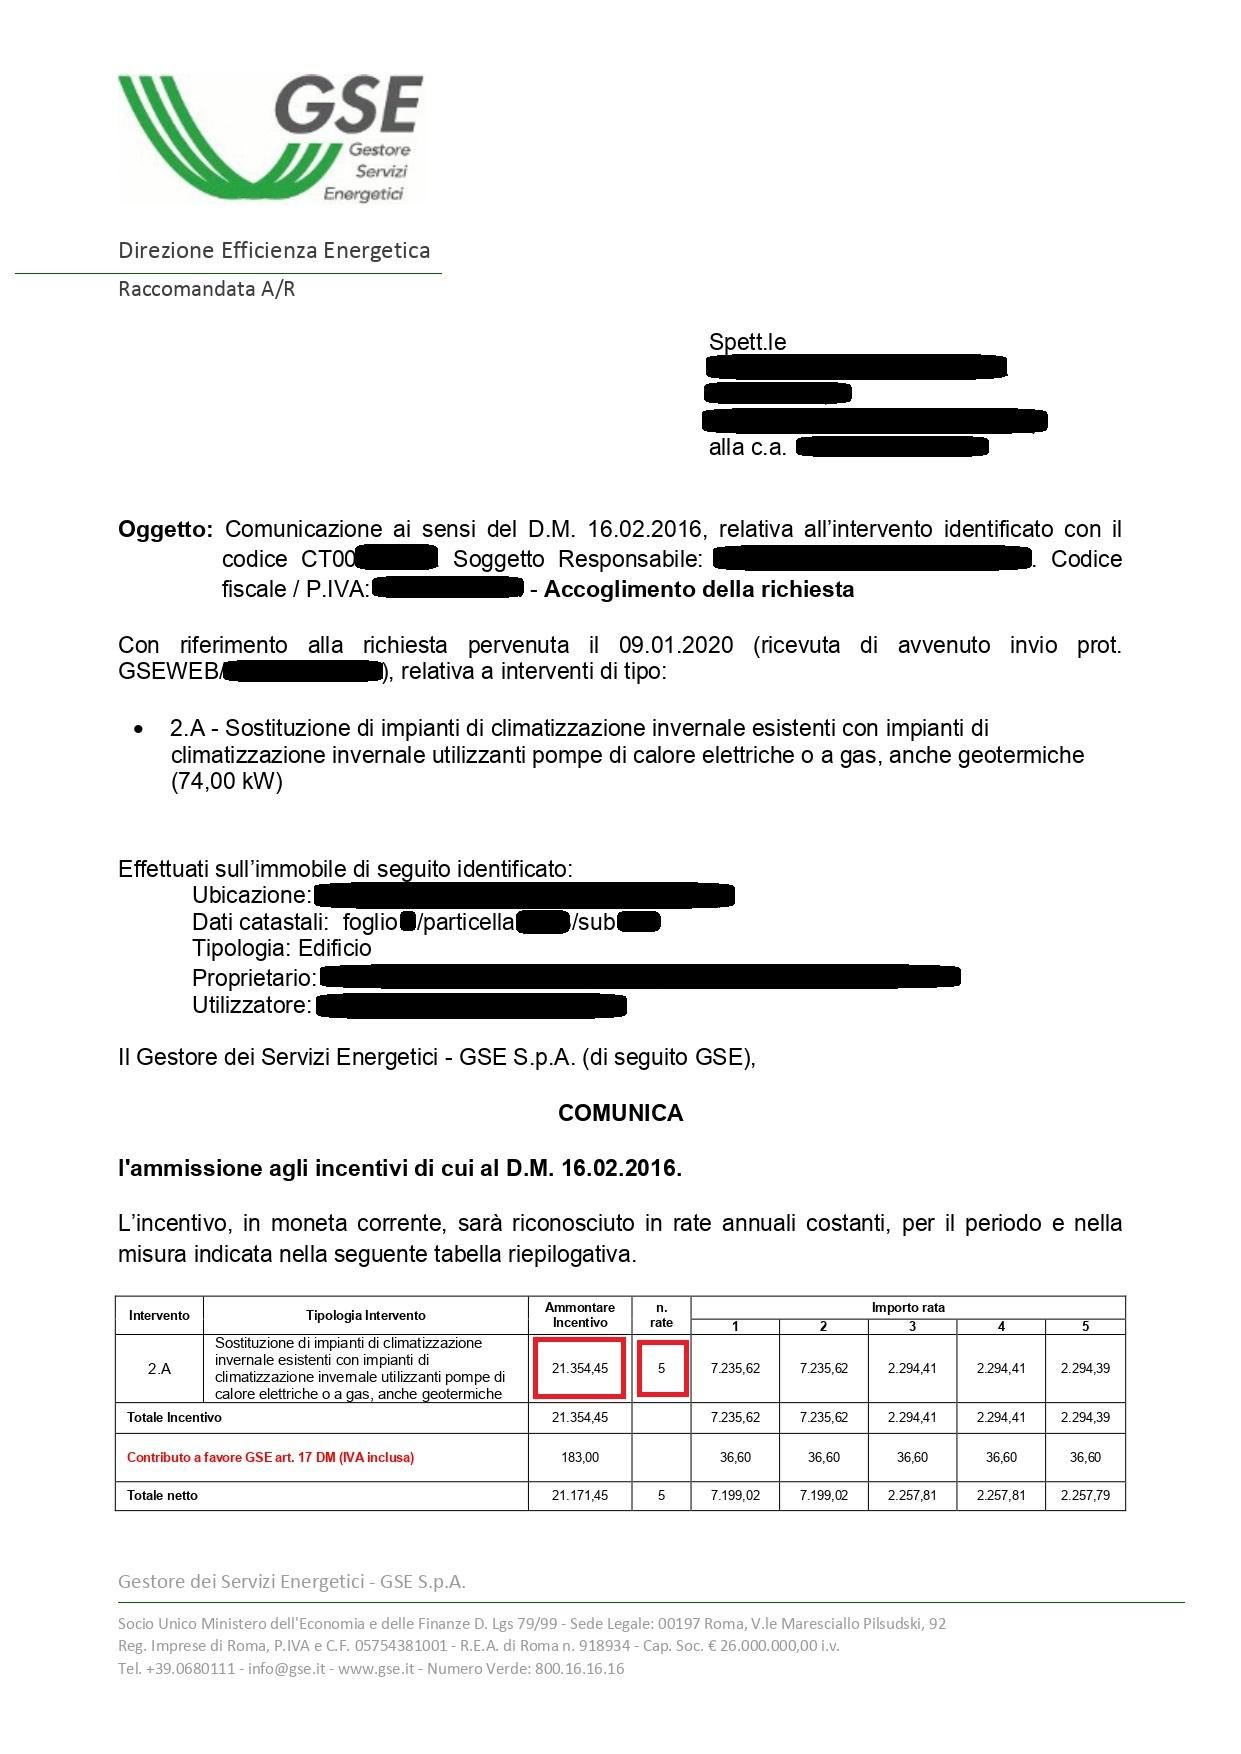 GSE_conto-termico-2.0_pompe-di-calore_EQUA_Como_rinnovabili_full-electric_incentivi